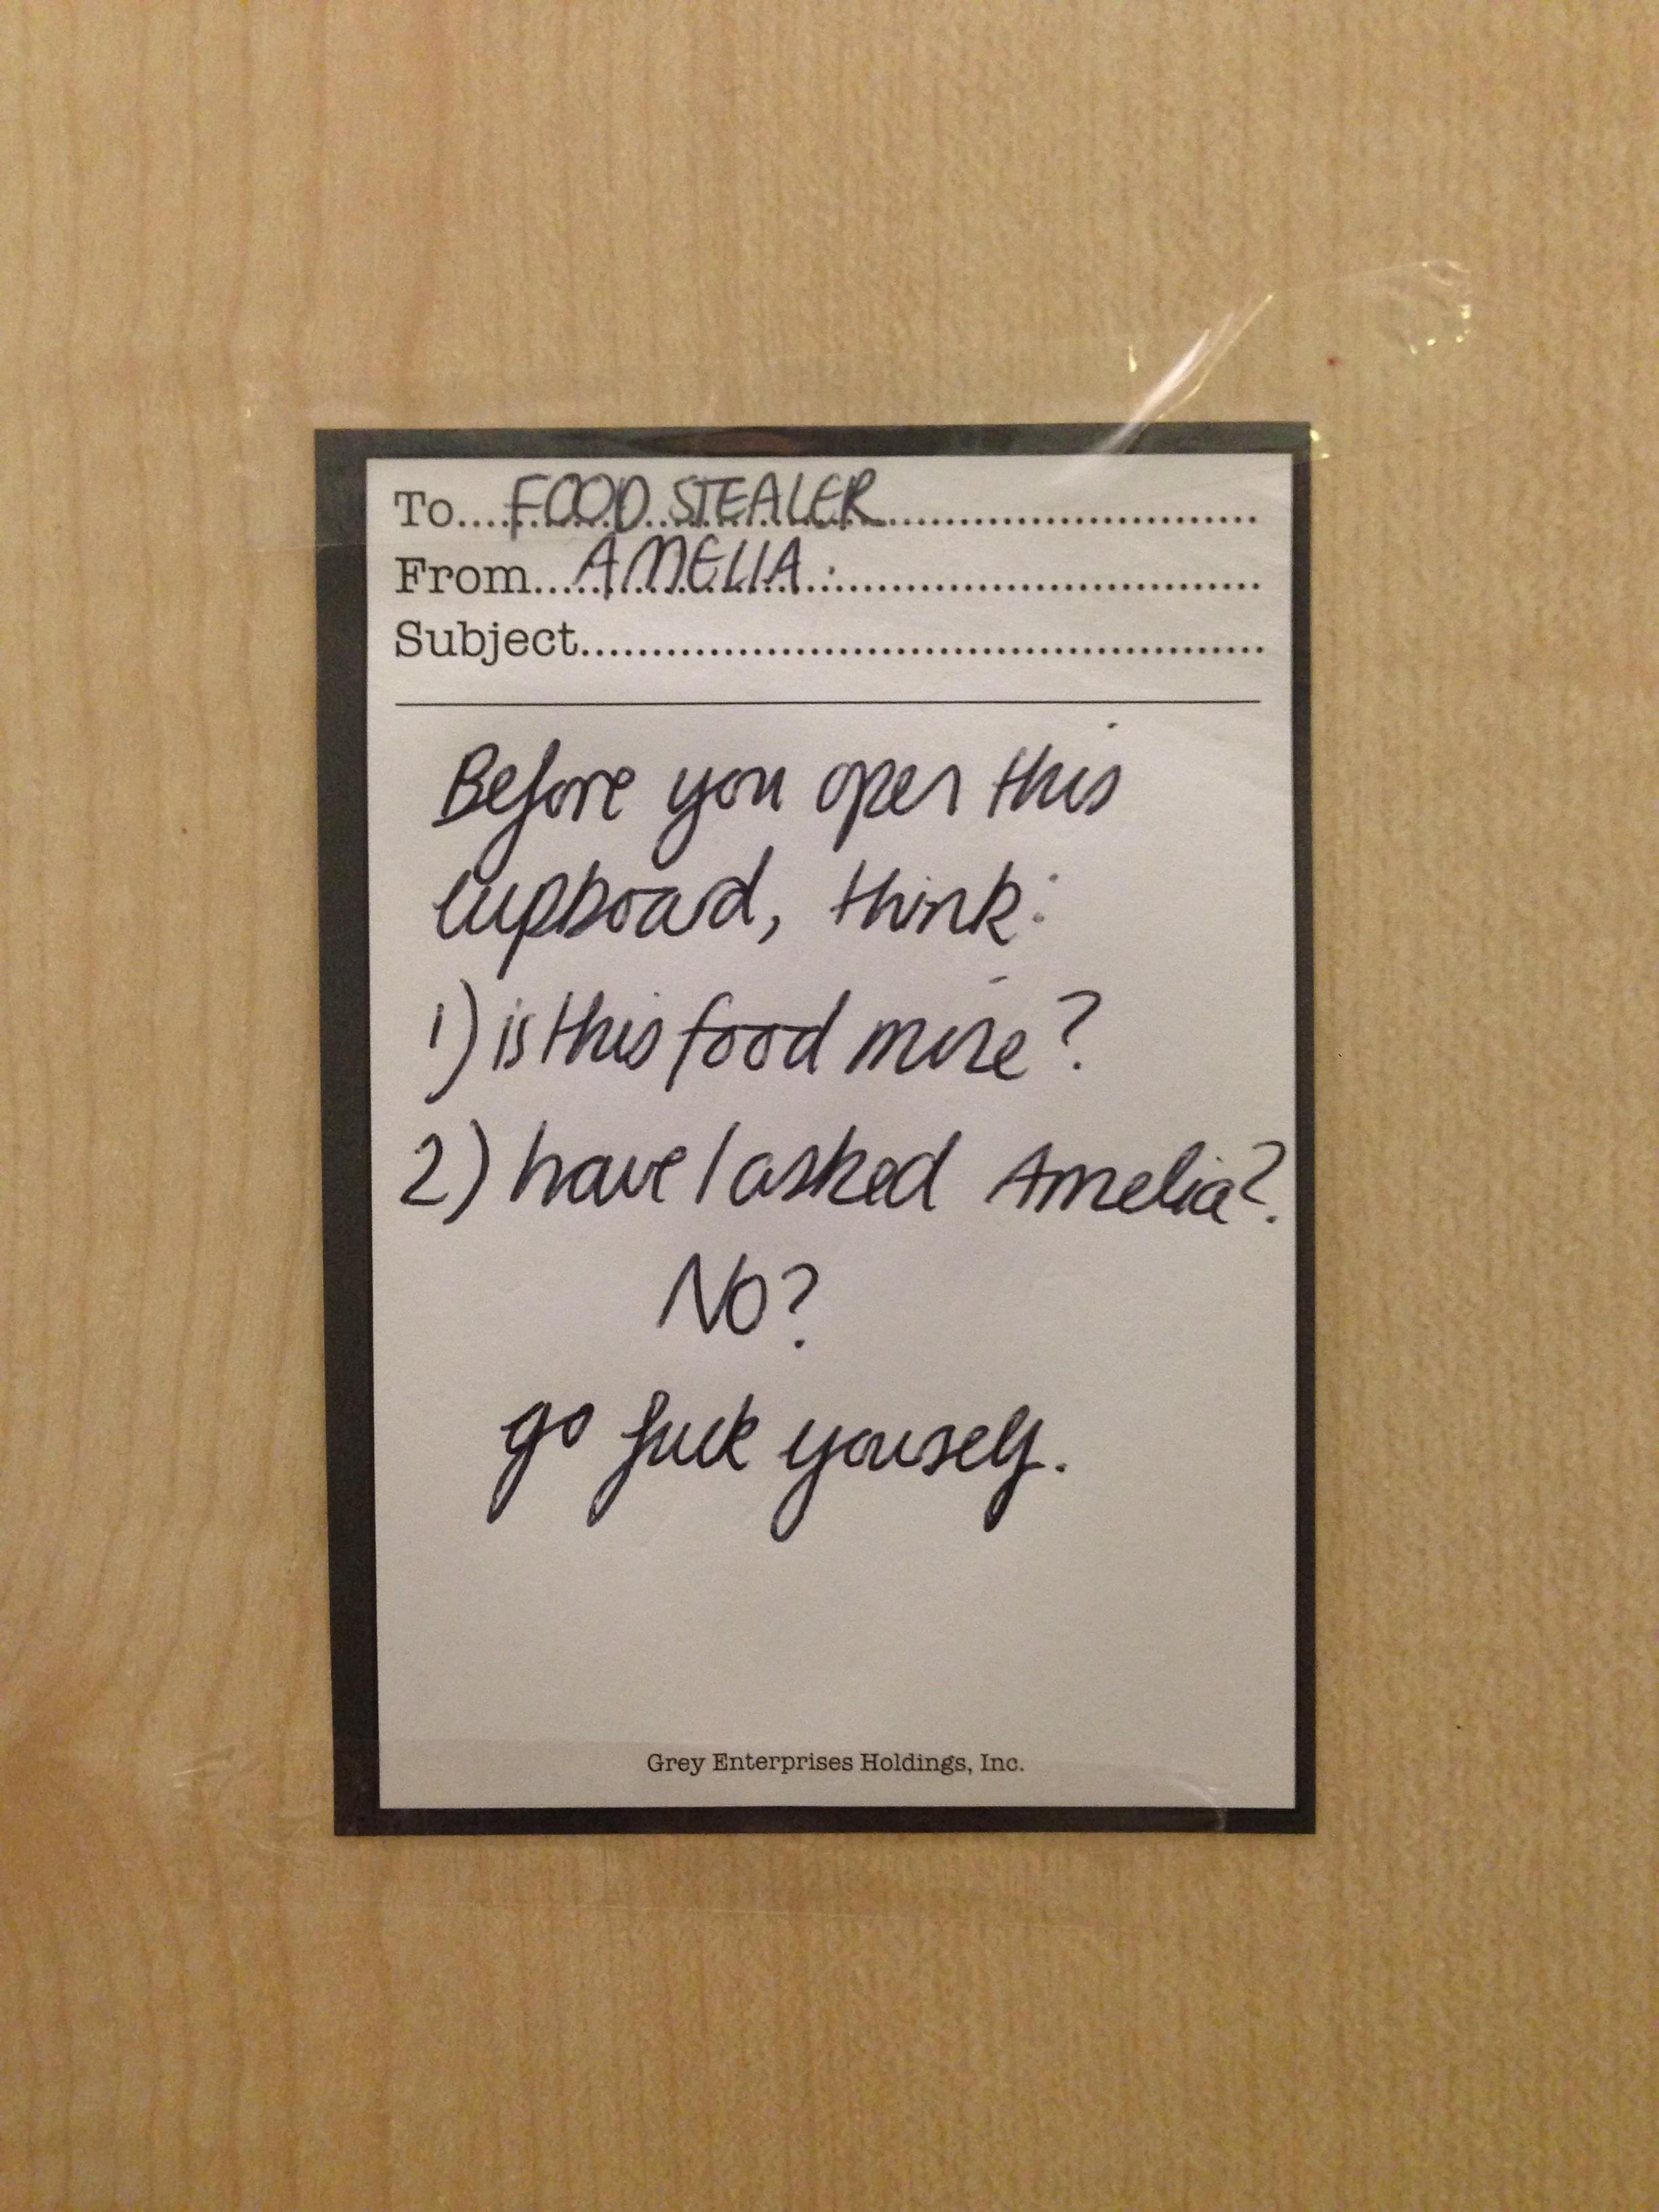 curses are fine when written in cursive.